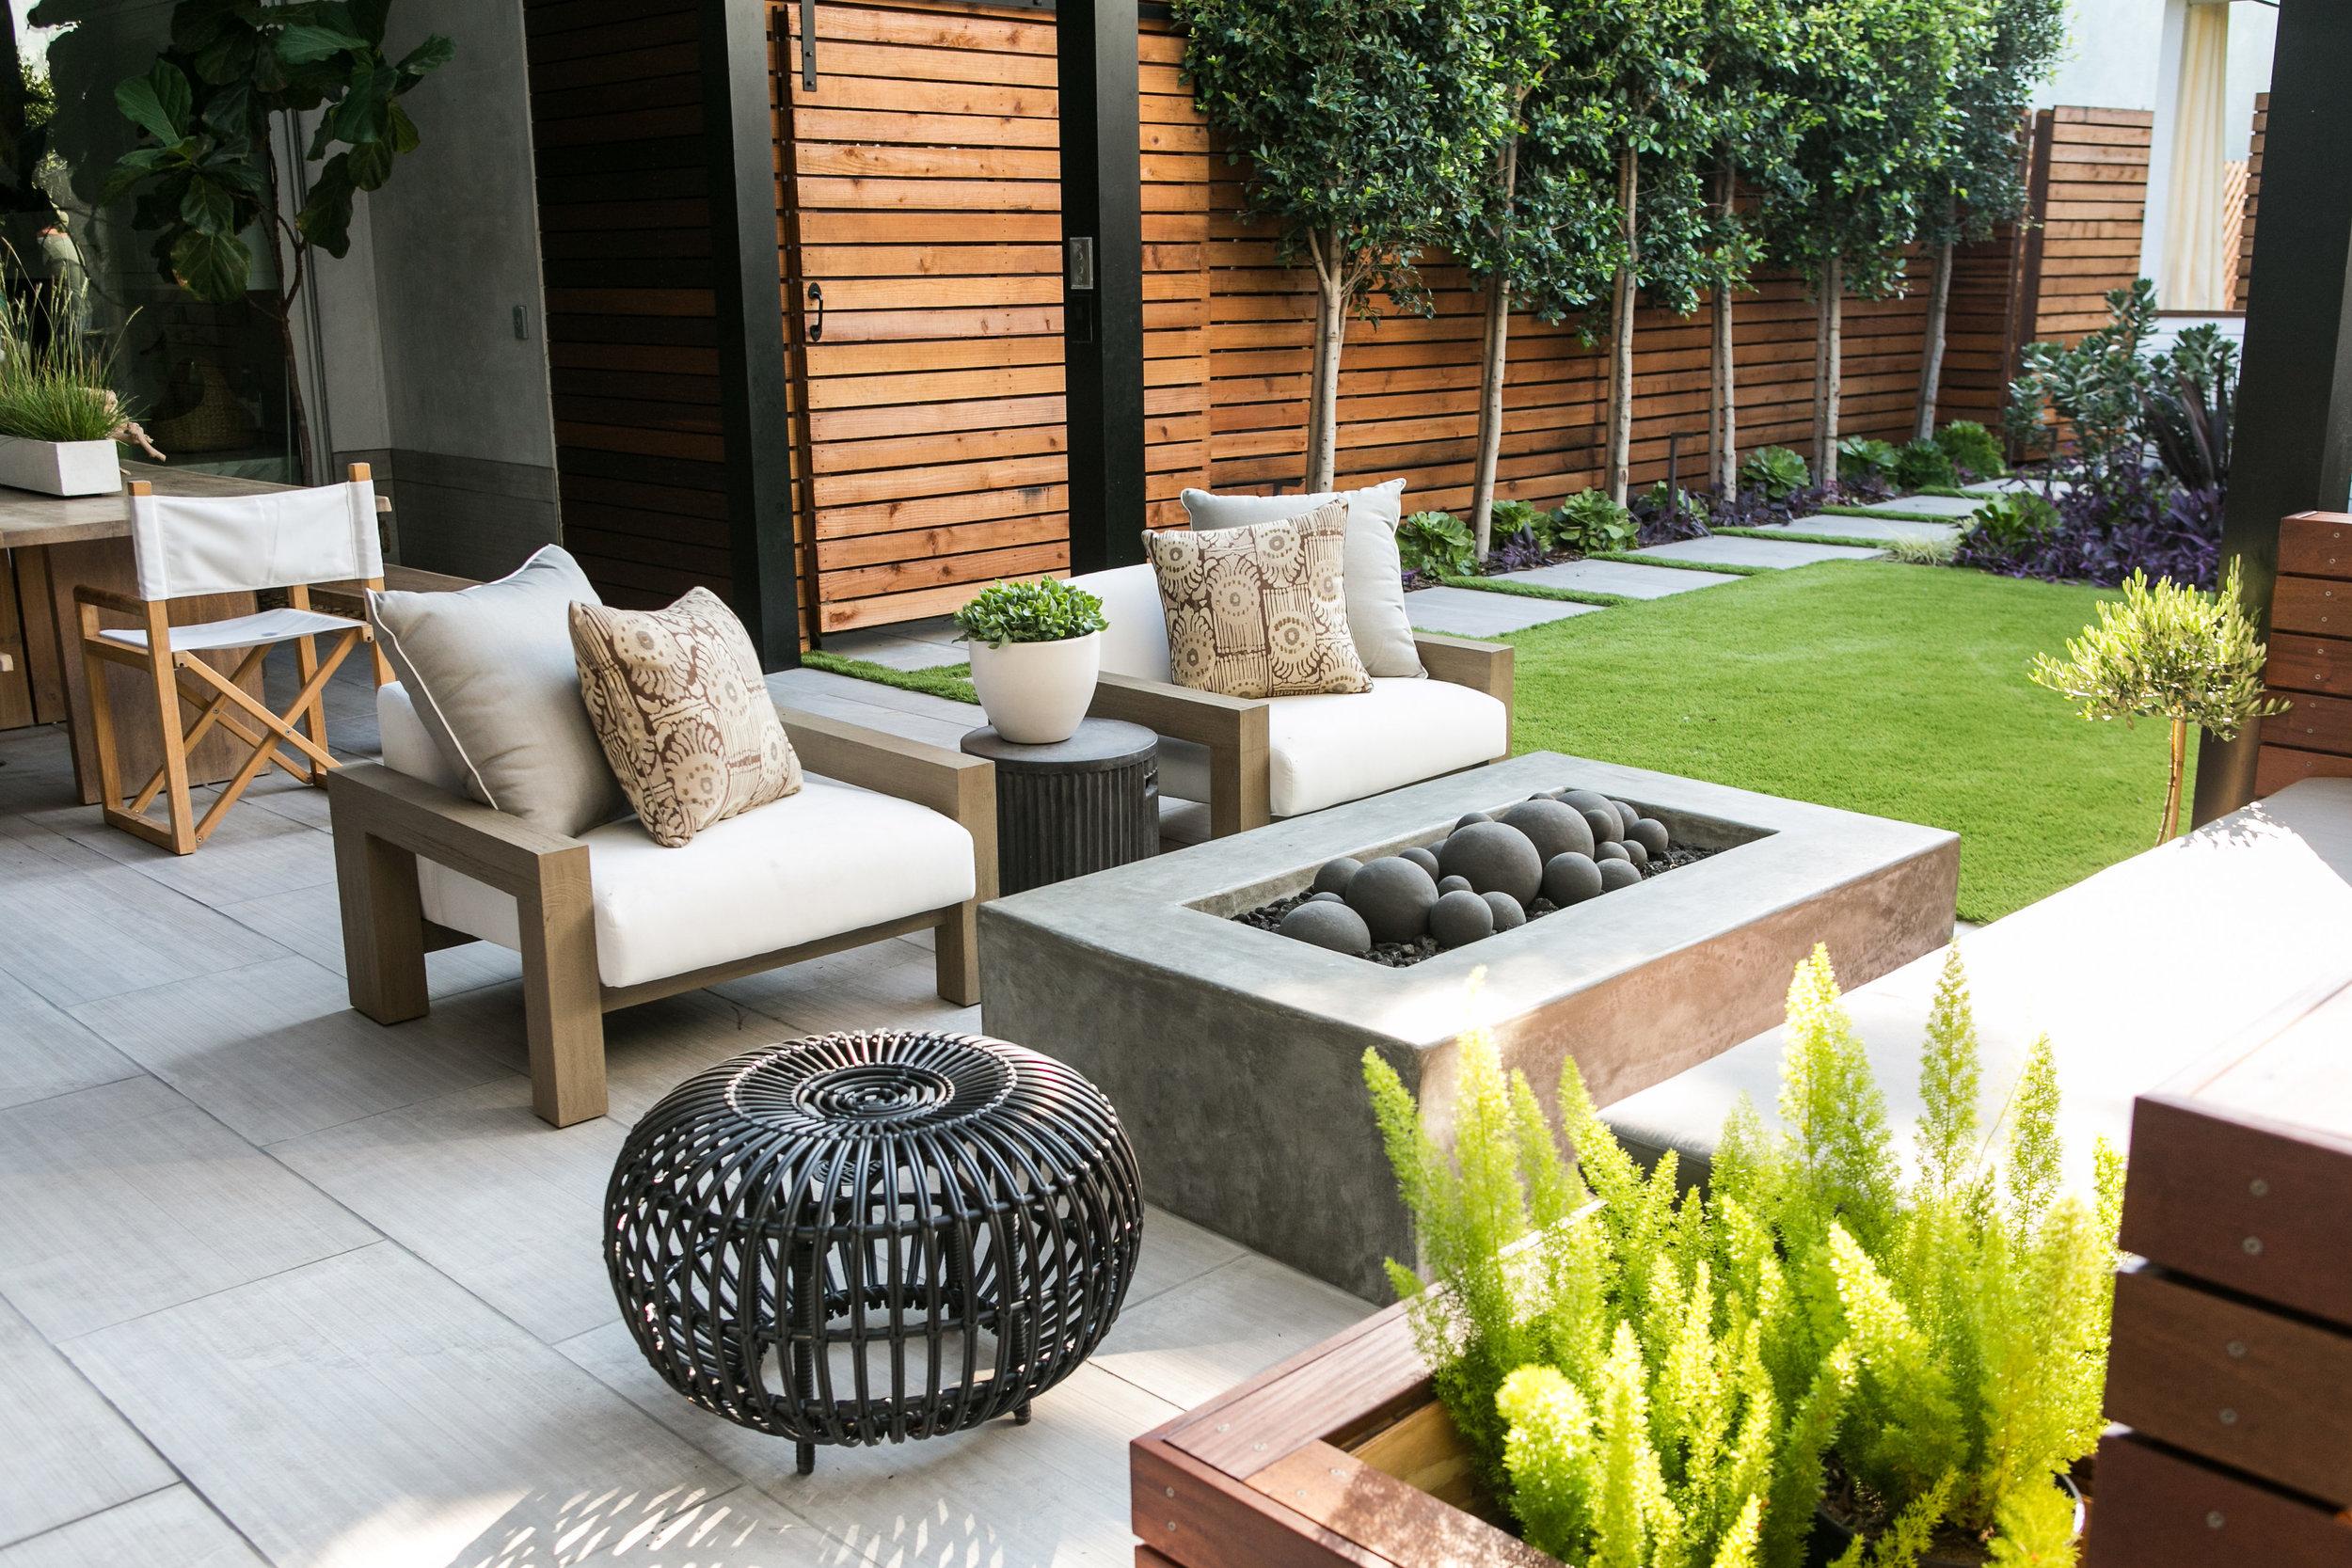 Molly Wood Garden Design